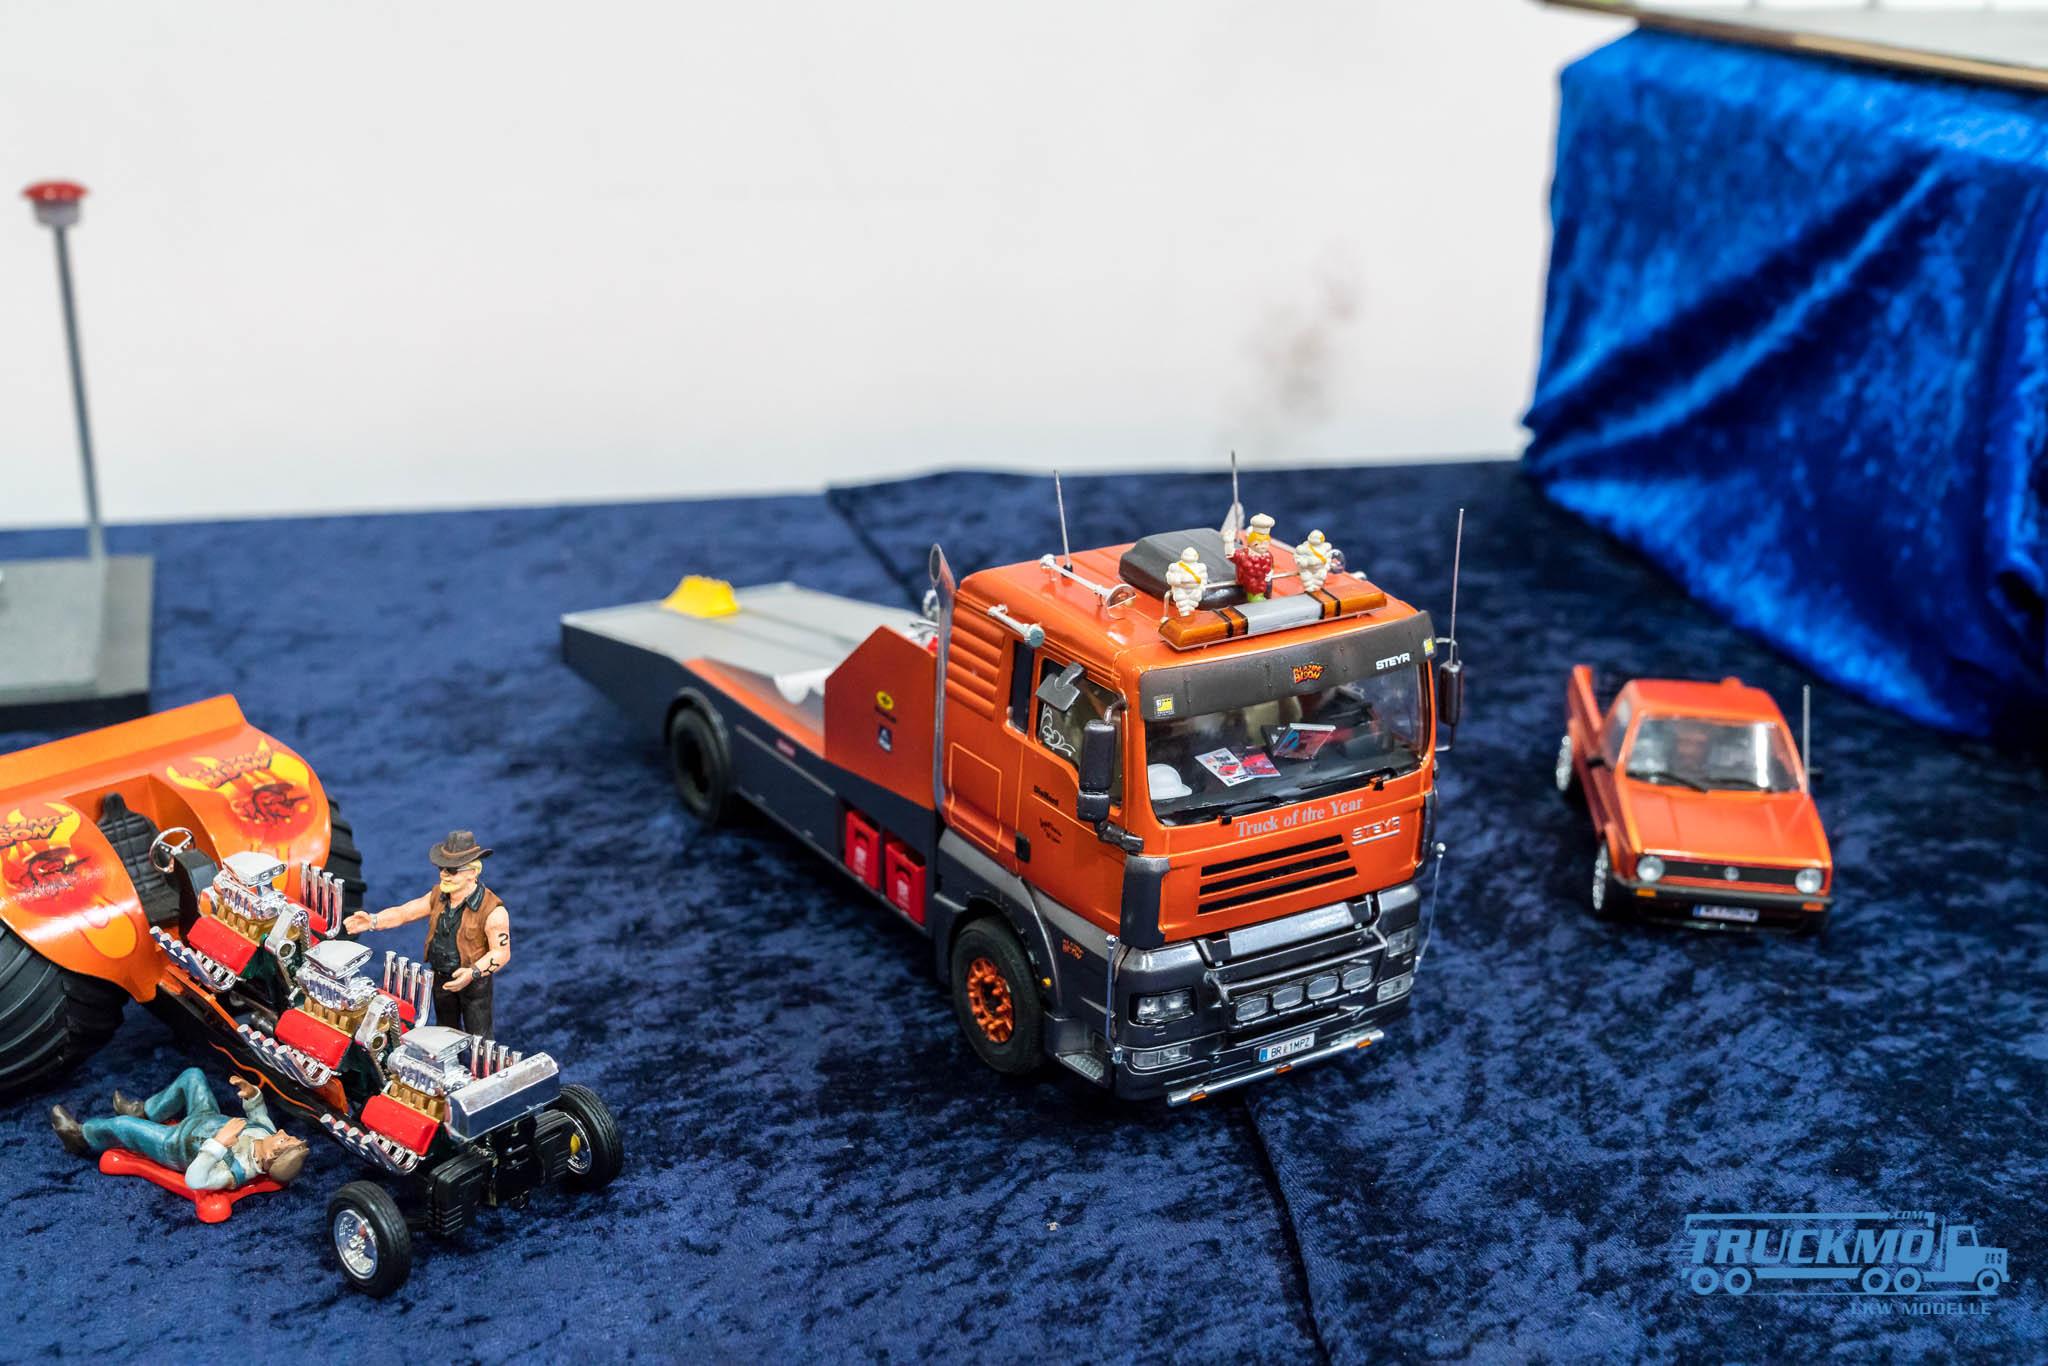 Truckmo_Modellbau_Ried_2017_Herpa_Messe_Modellbauausstellung (304 von 1177)